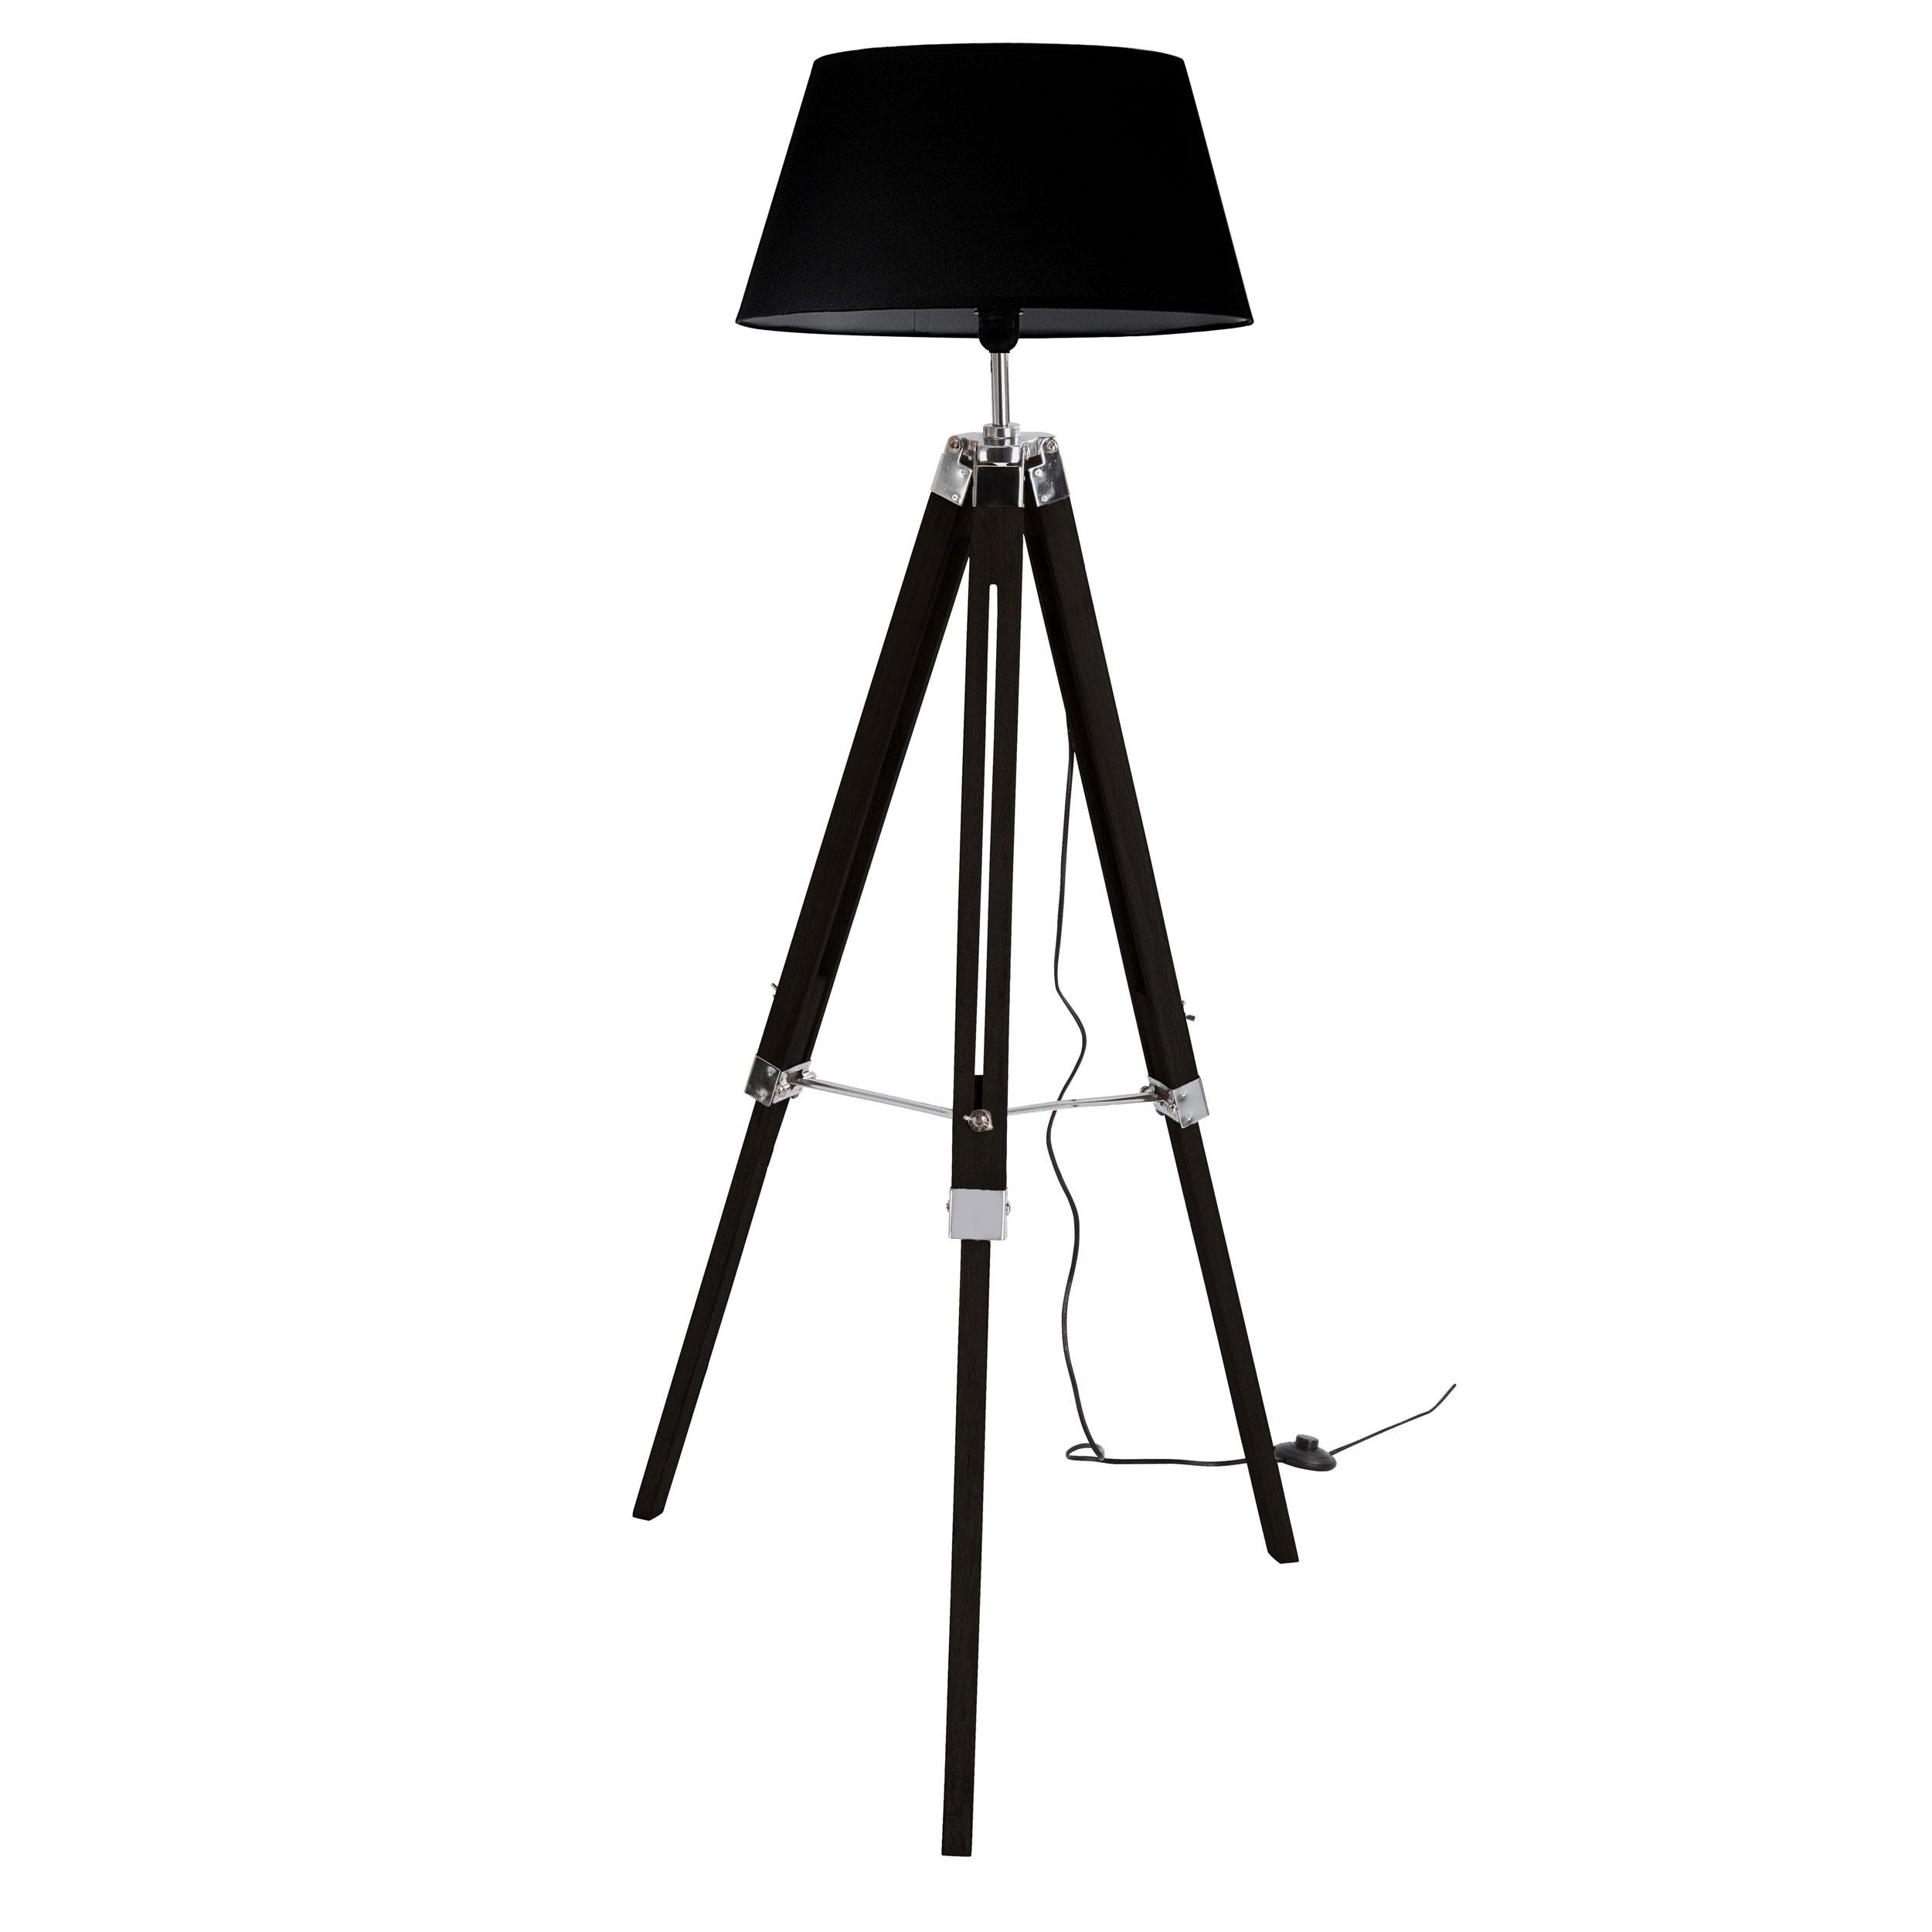 acheter lampadaire trepied noir pas cher